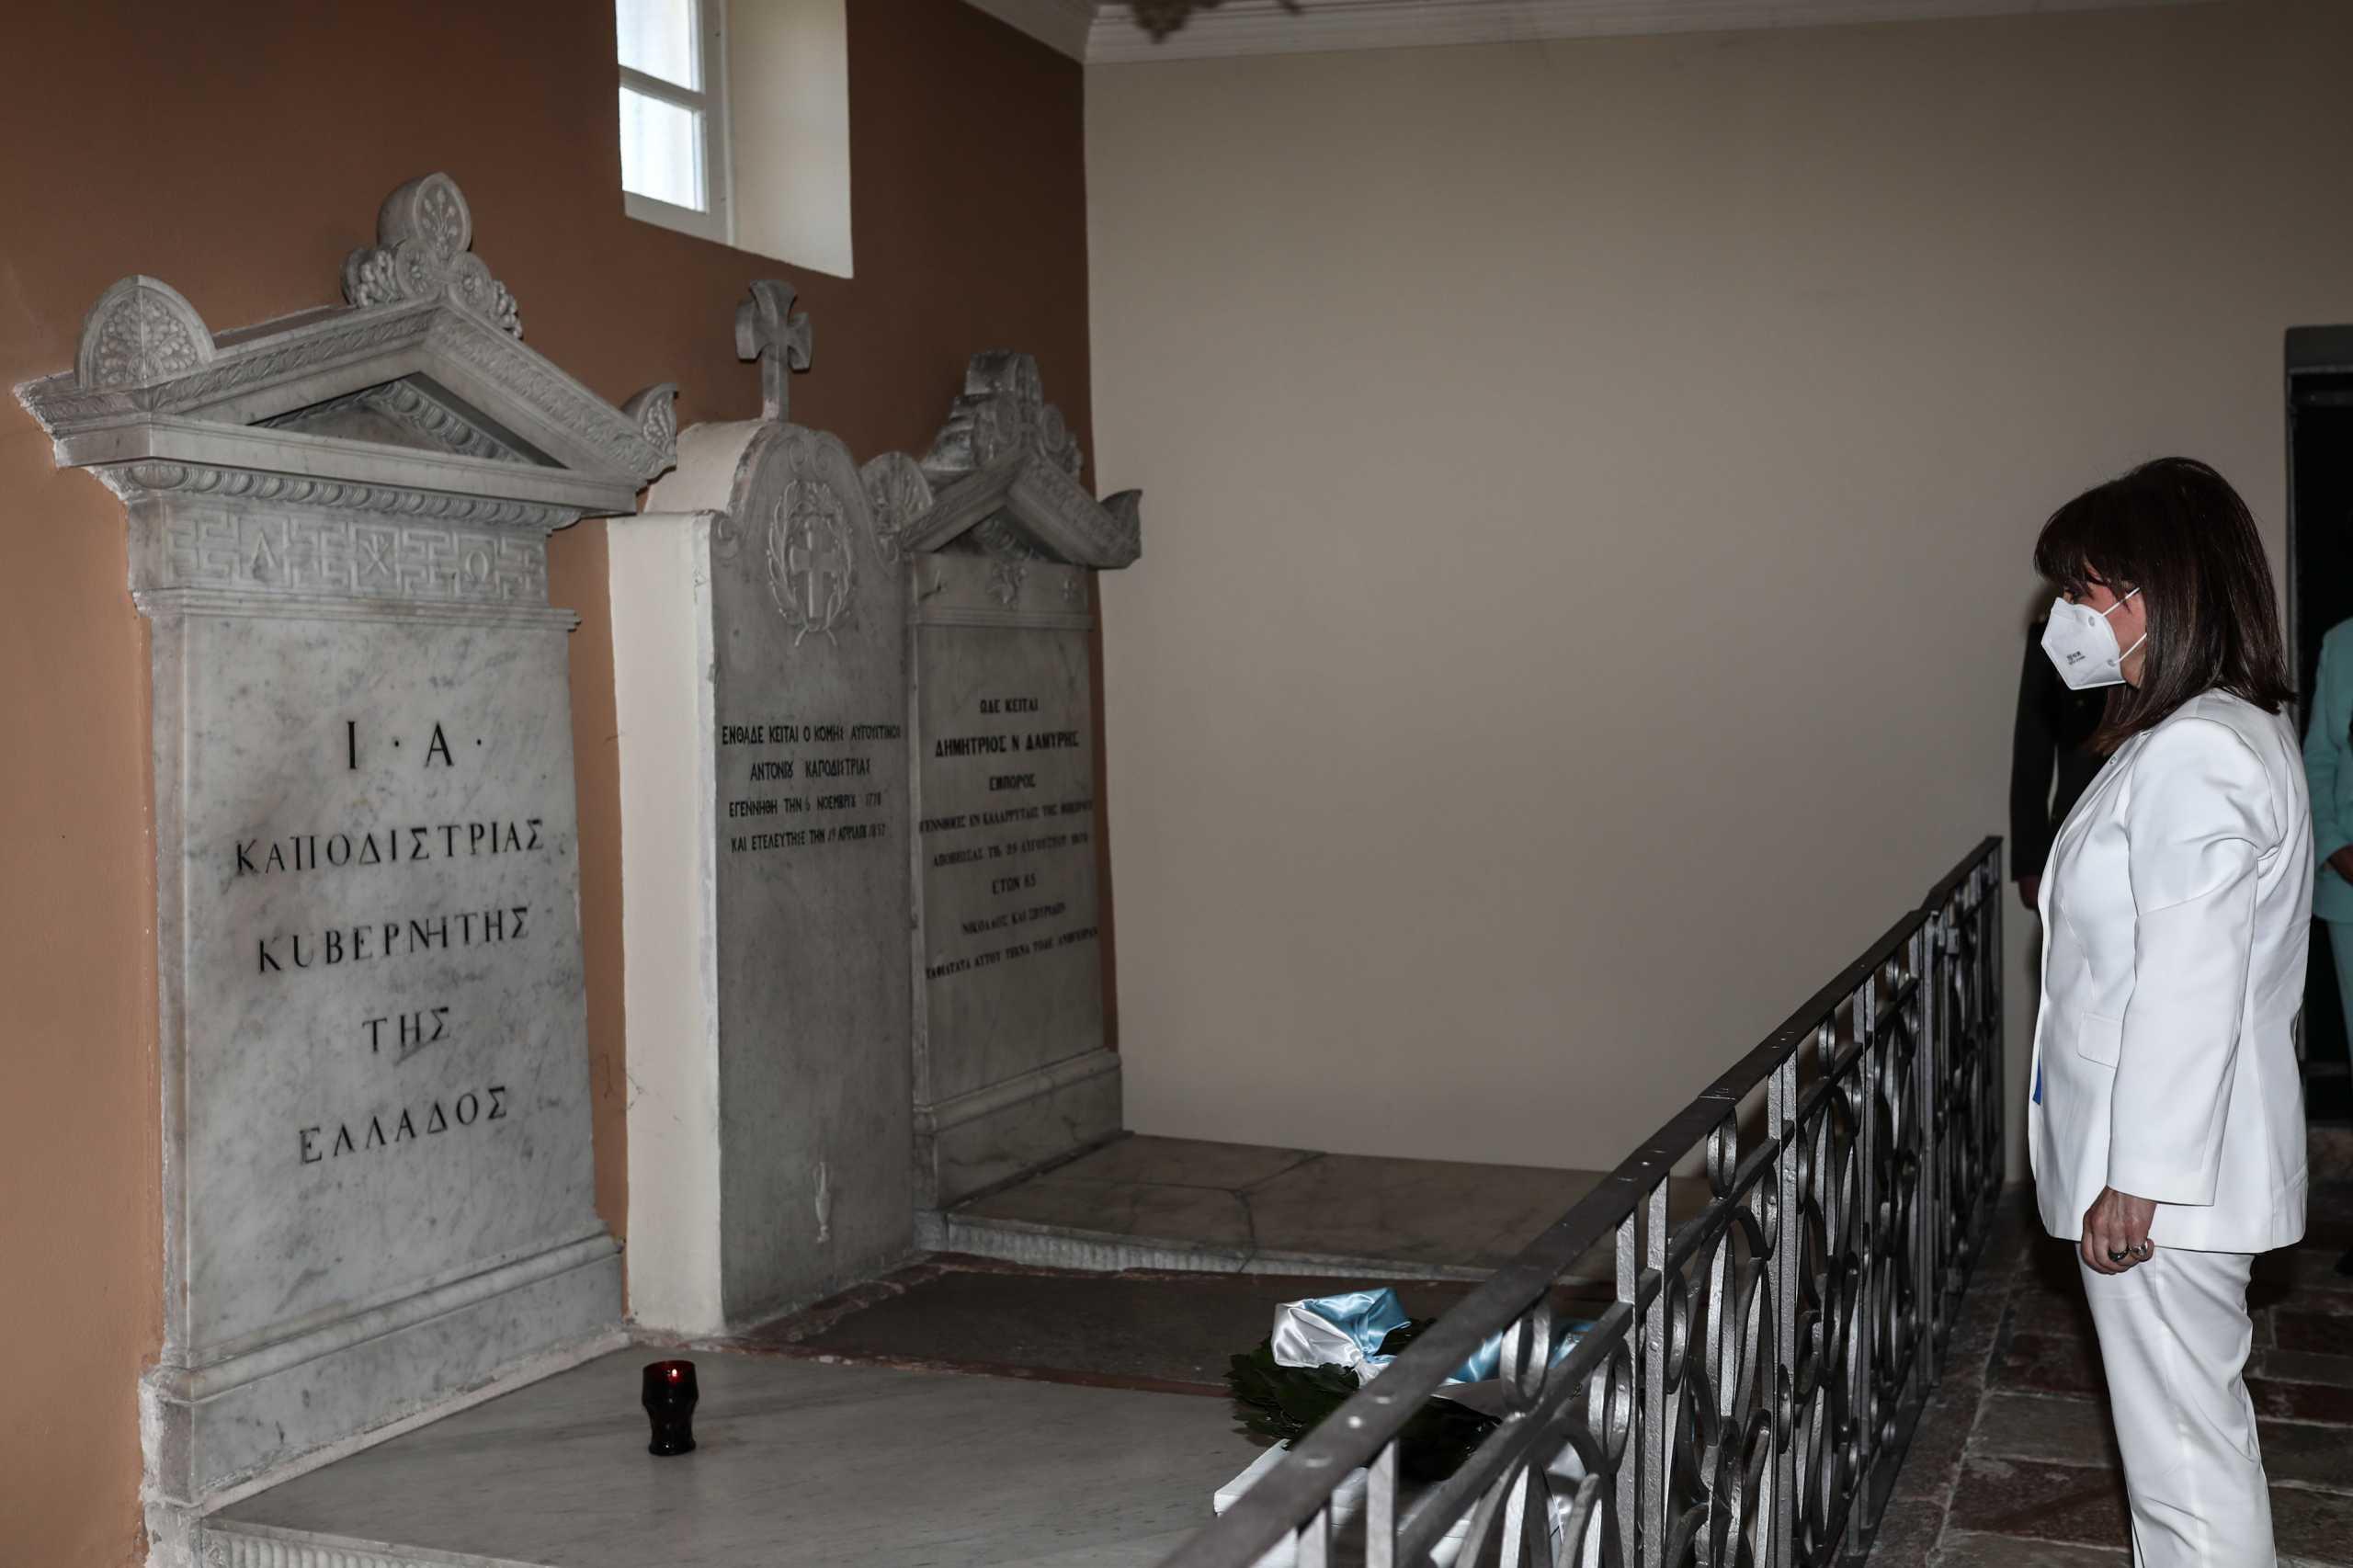 Κέρκυρα: Στεφάνι στον τάφο του Ιωάννη Καποδίστρια κατέθεσε η Κατερίνα Σακελλαροπούλου